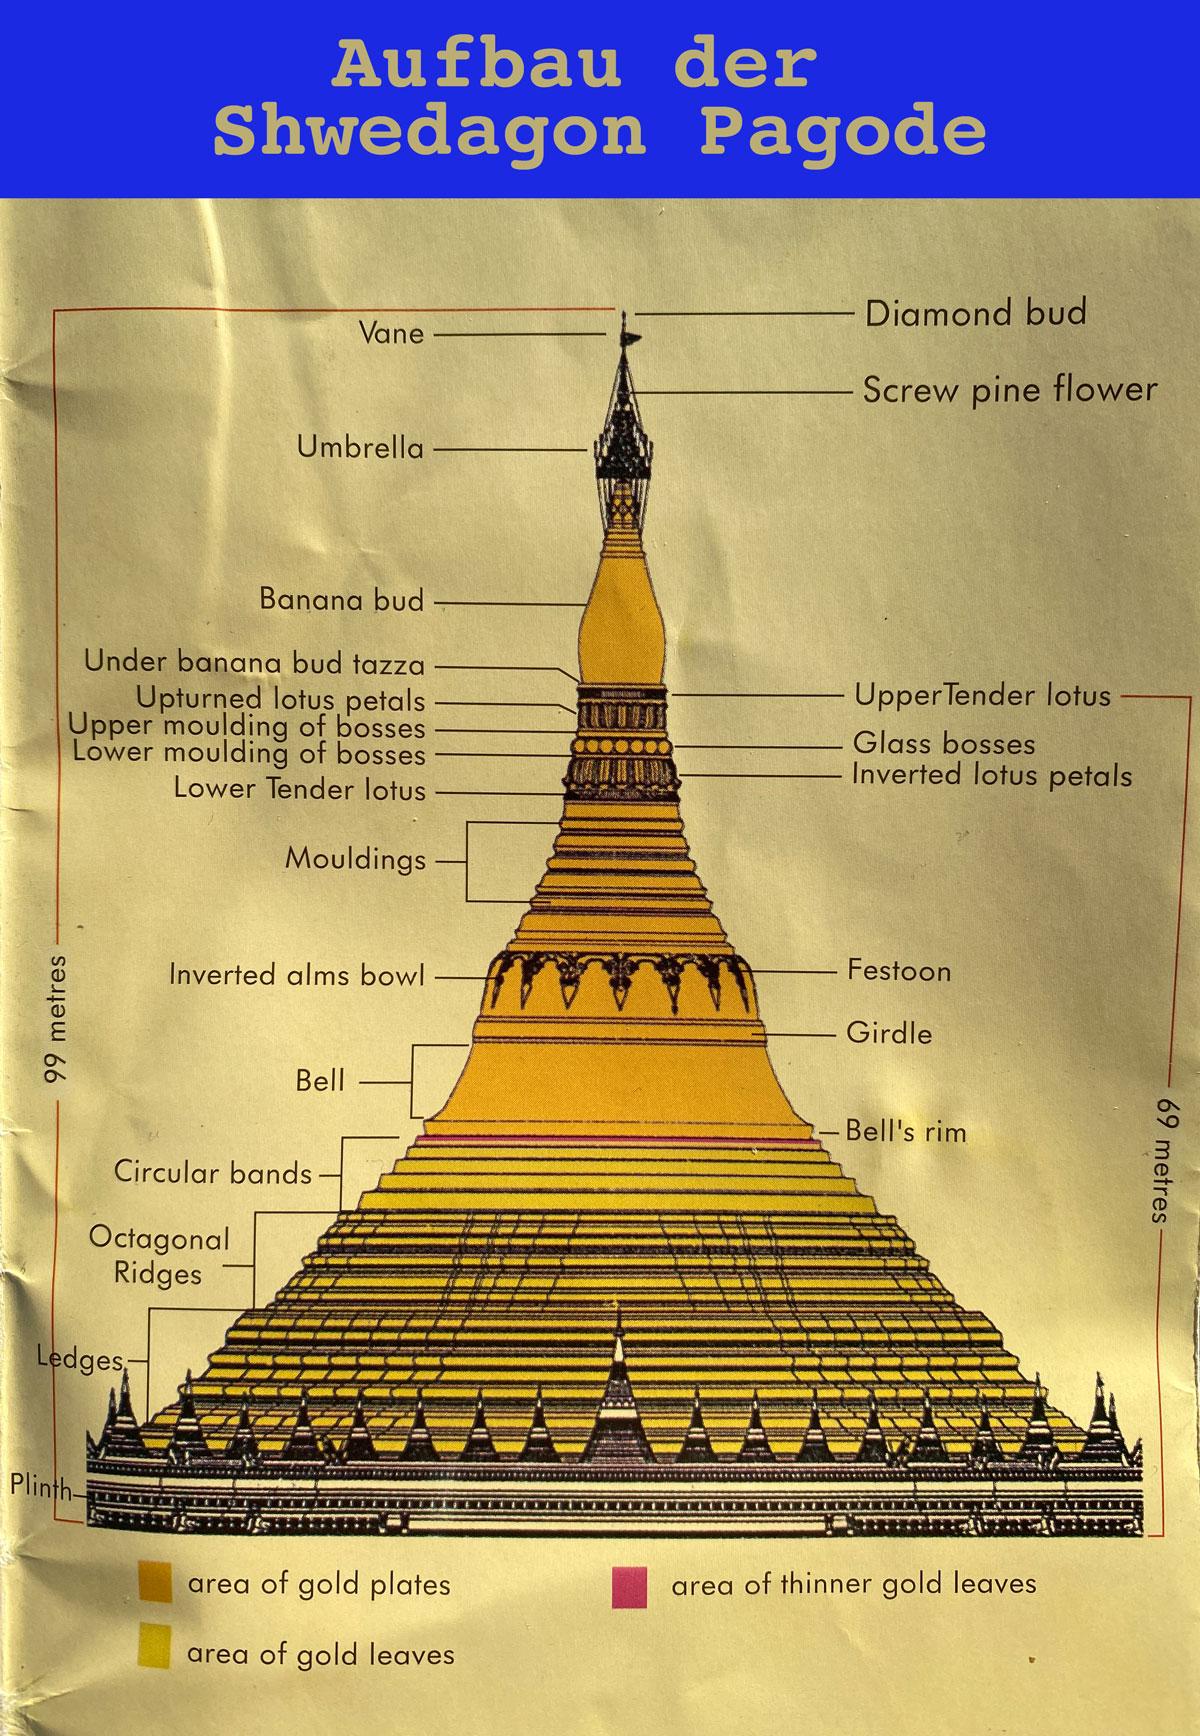 Der Aufbau der Shwedagon Pagode